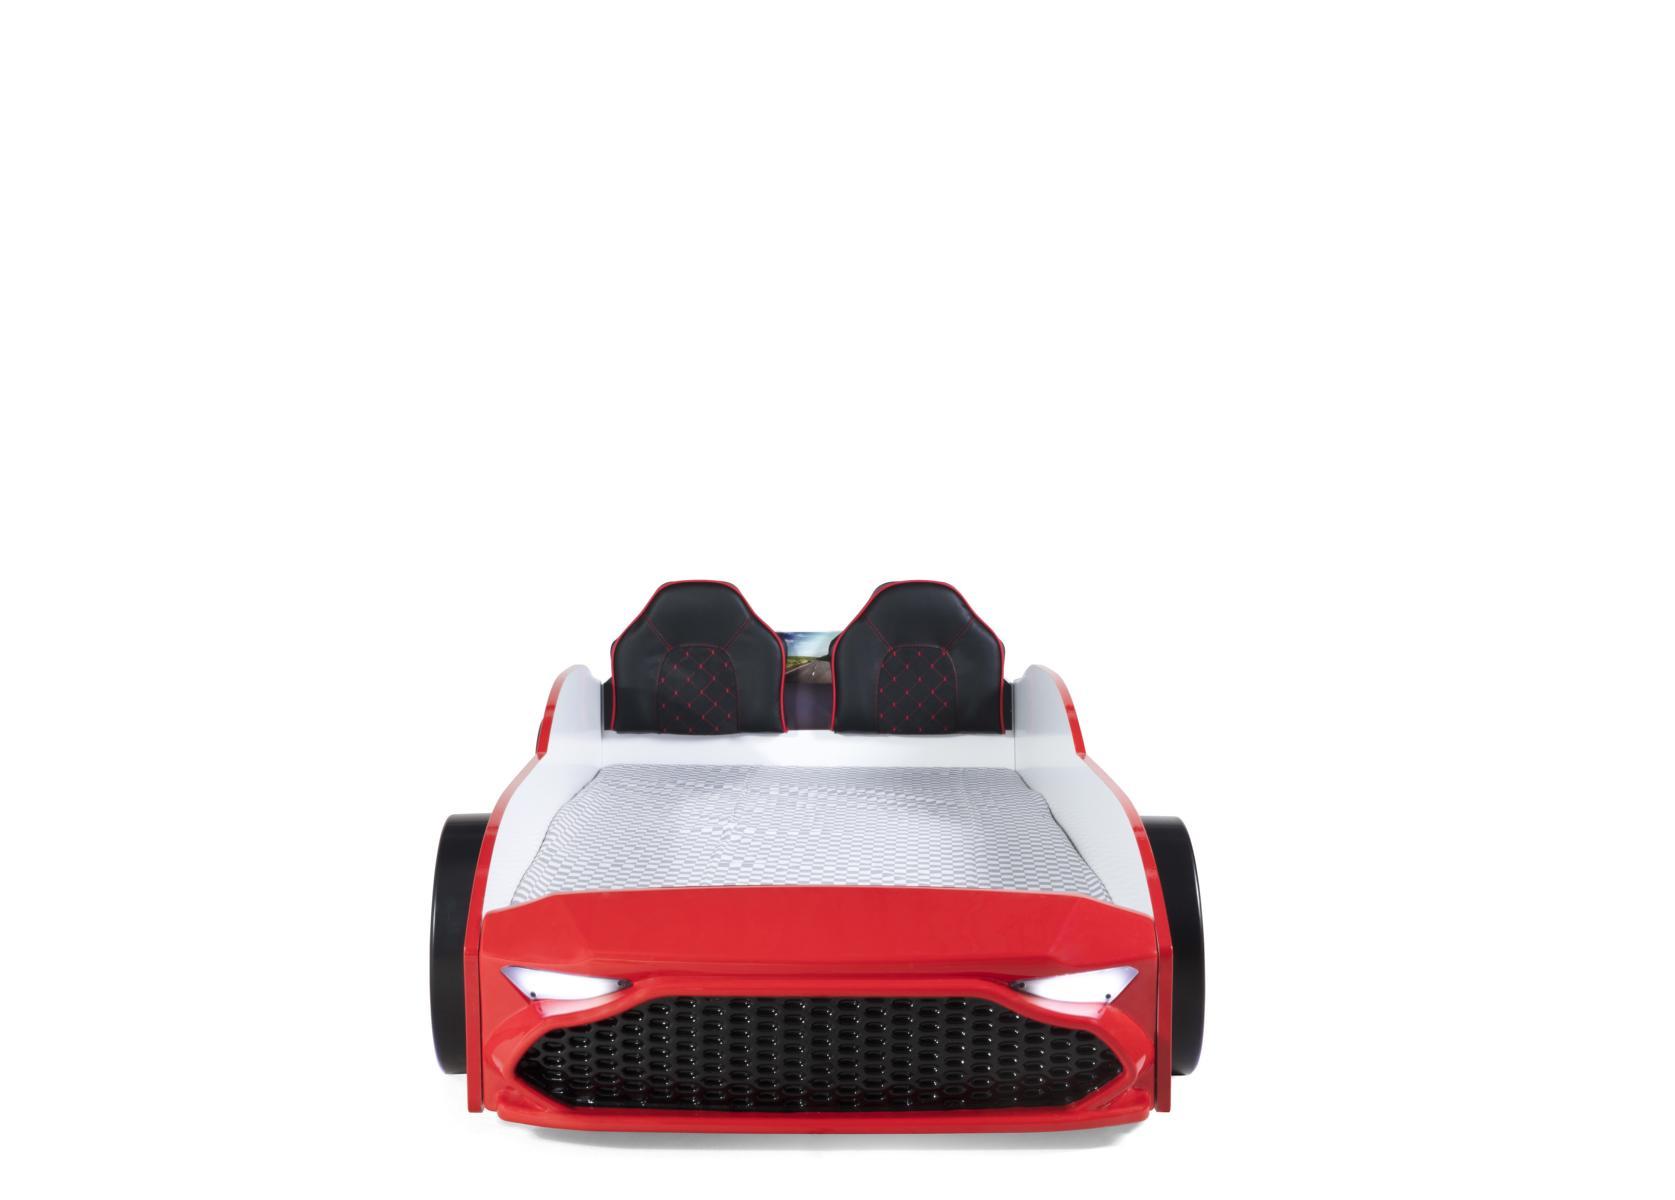 Autobett Kinderzimmer GT18 4x4 Turbo 4-teilig in Rot